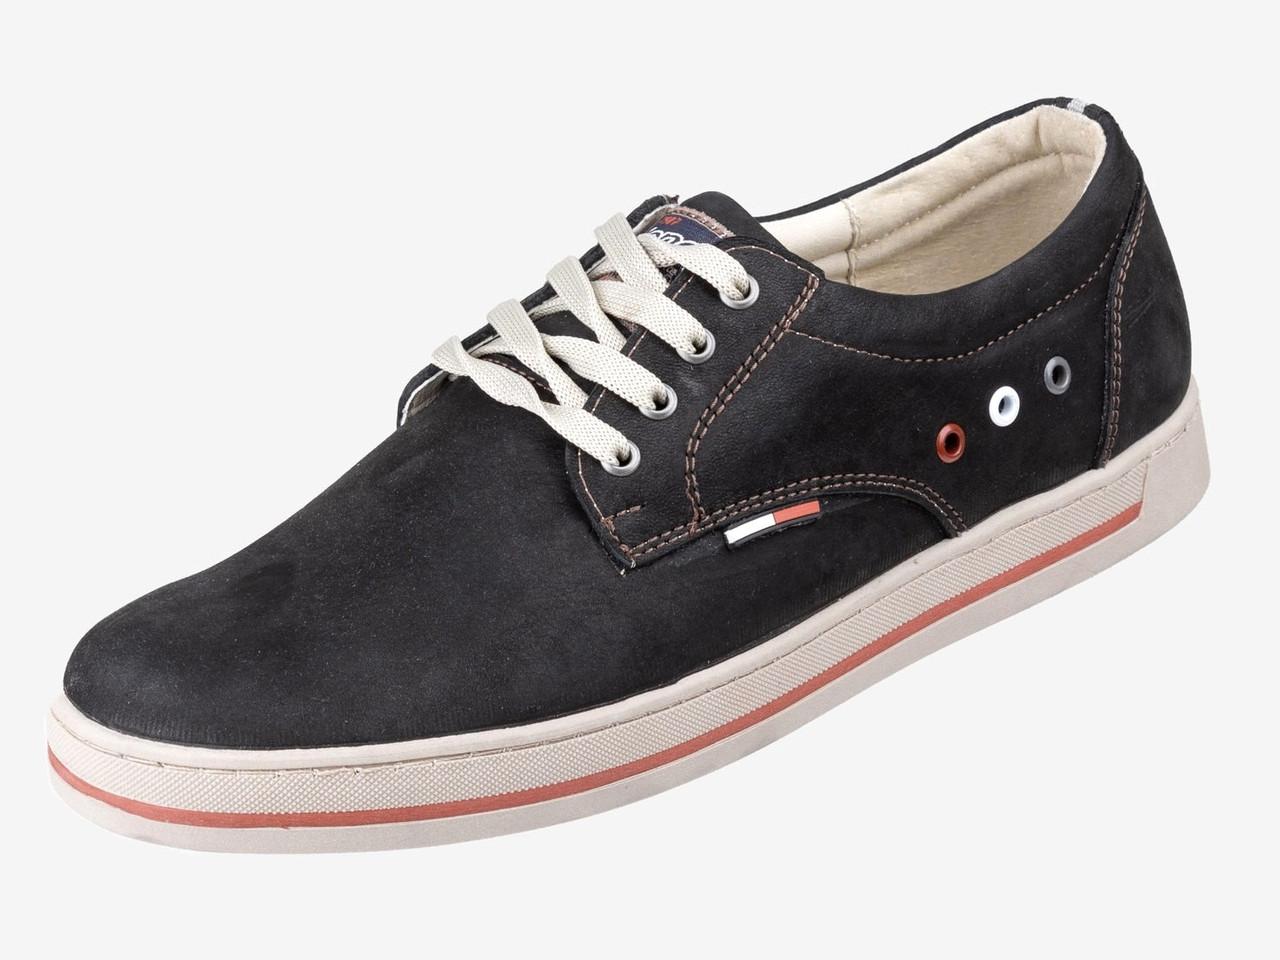 Акционные спортивные туфли черные из турецкого нубука KONORS 8135/04-16 скидка